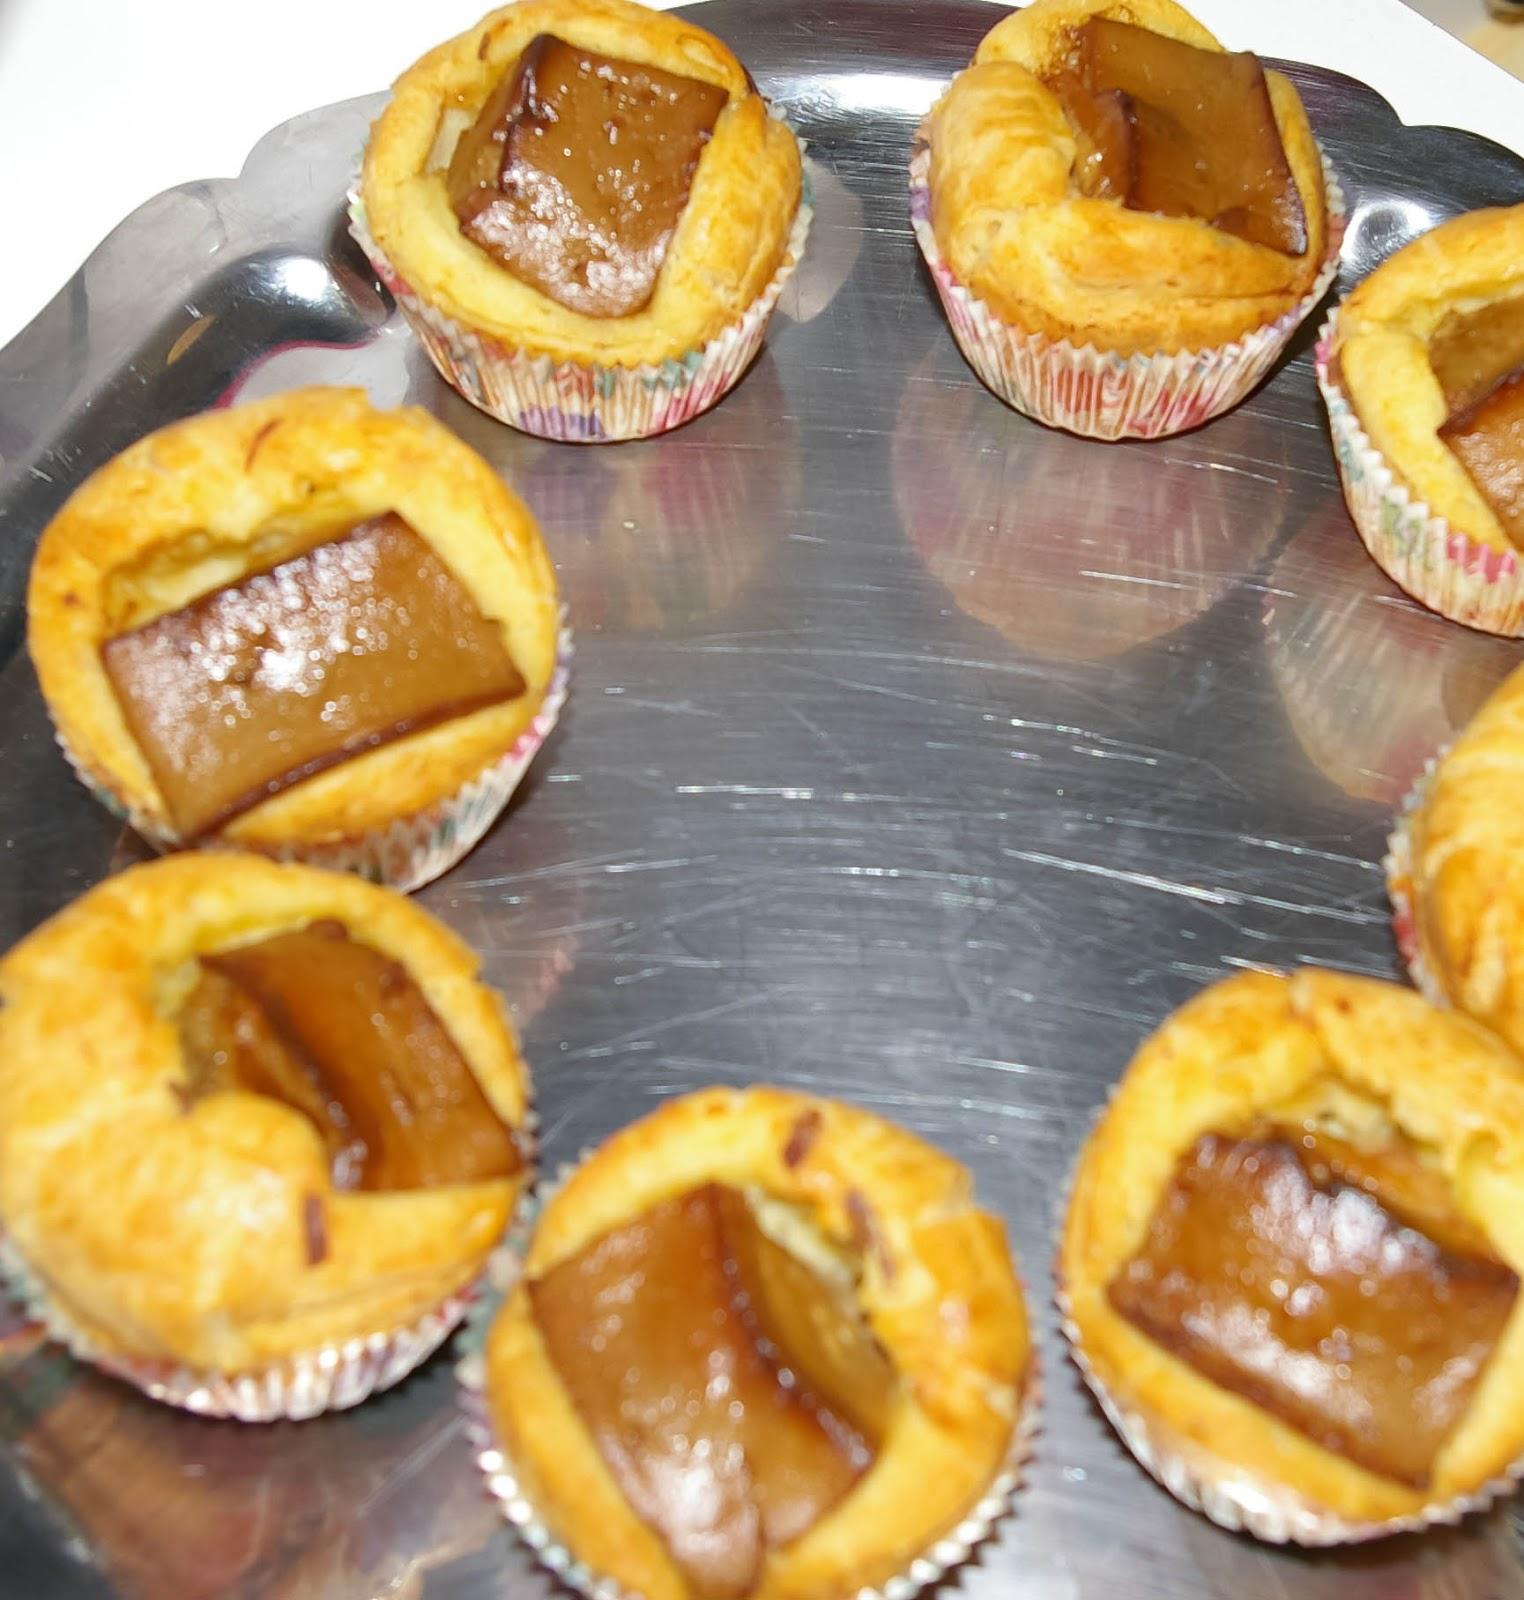 Cook 39 n 39 eat recette de moelleux au foie gras - Recette de foie gras ...